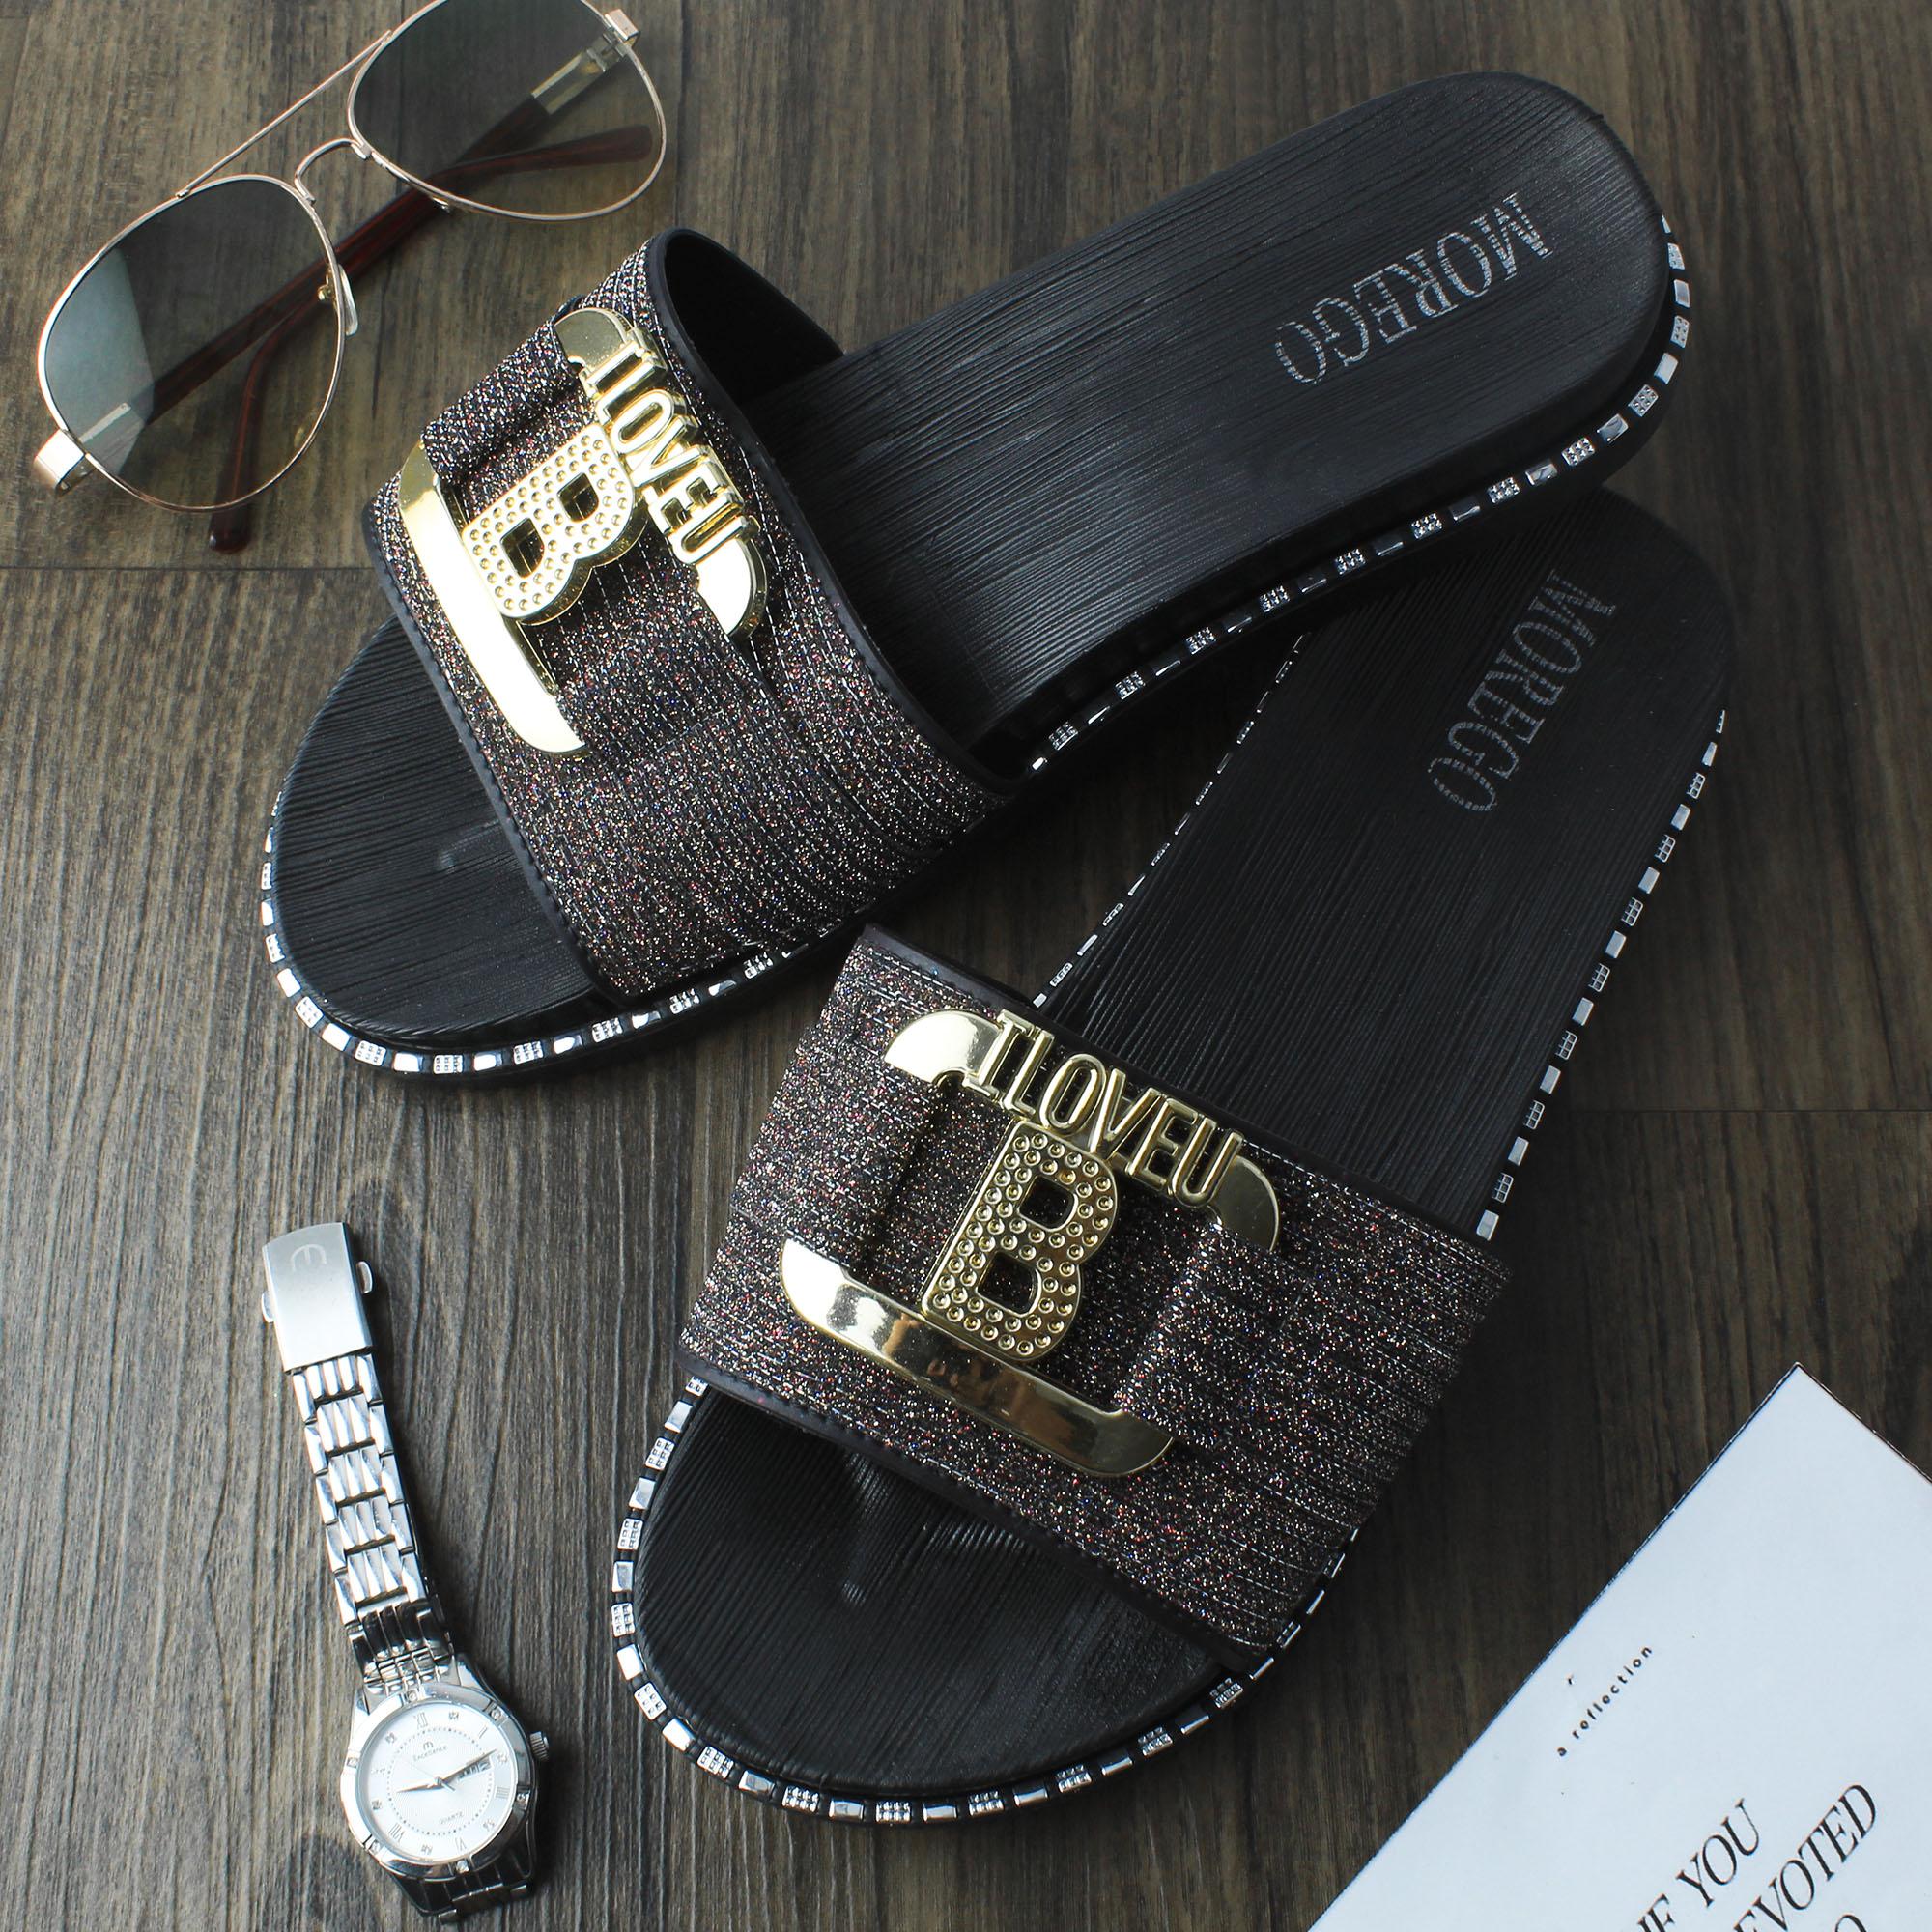 weitech sandal wanita bling2 modern sandal karet empuk selop – micu 1968-1